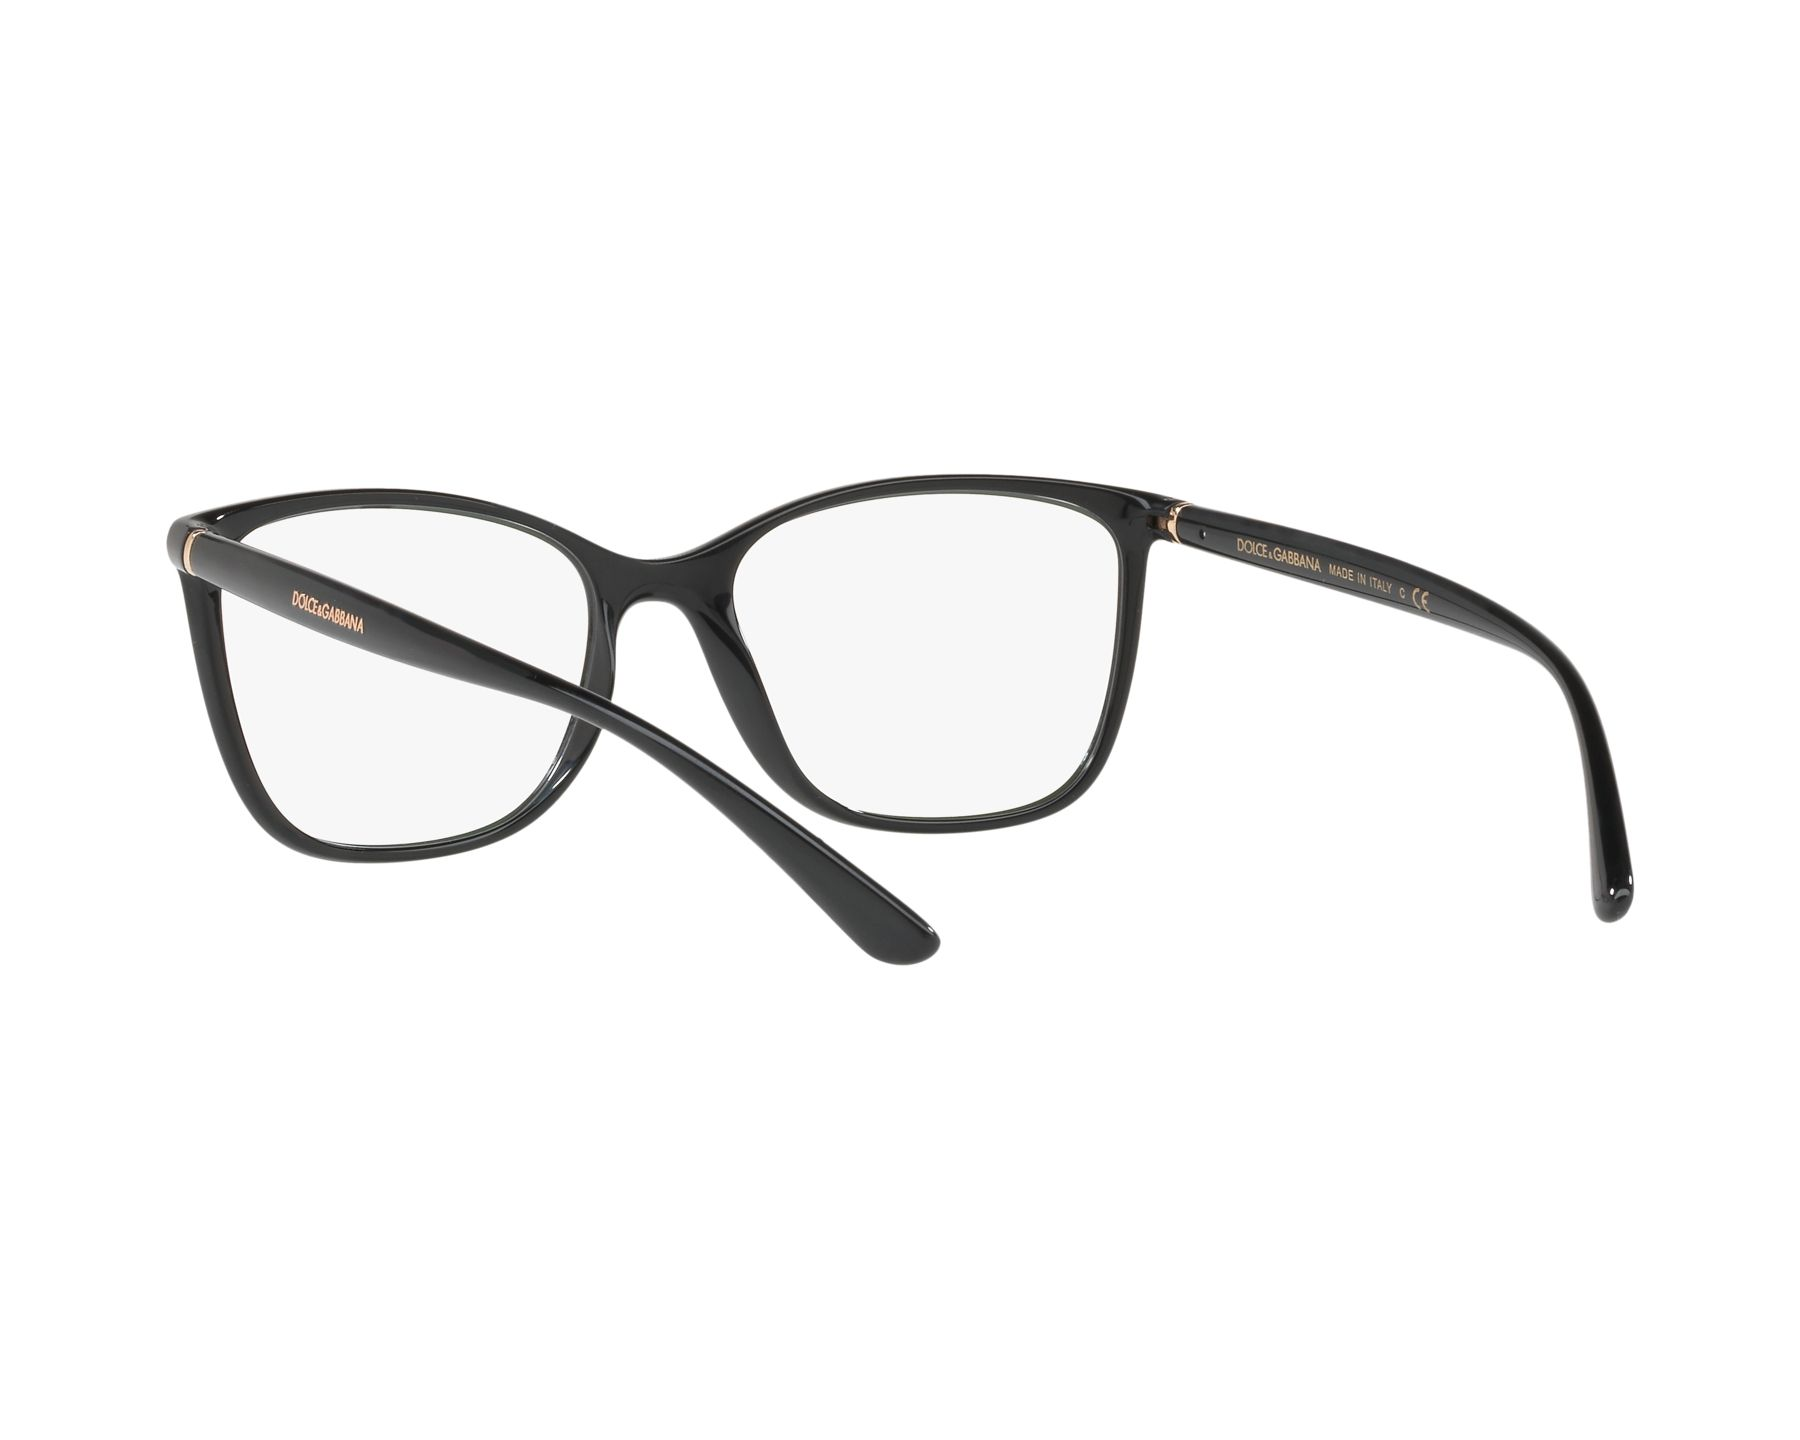 DOLCE & GABBANA Dolce & Gabbana Damen Brille » DG5026«, schwarz, 501 - schwarz